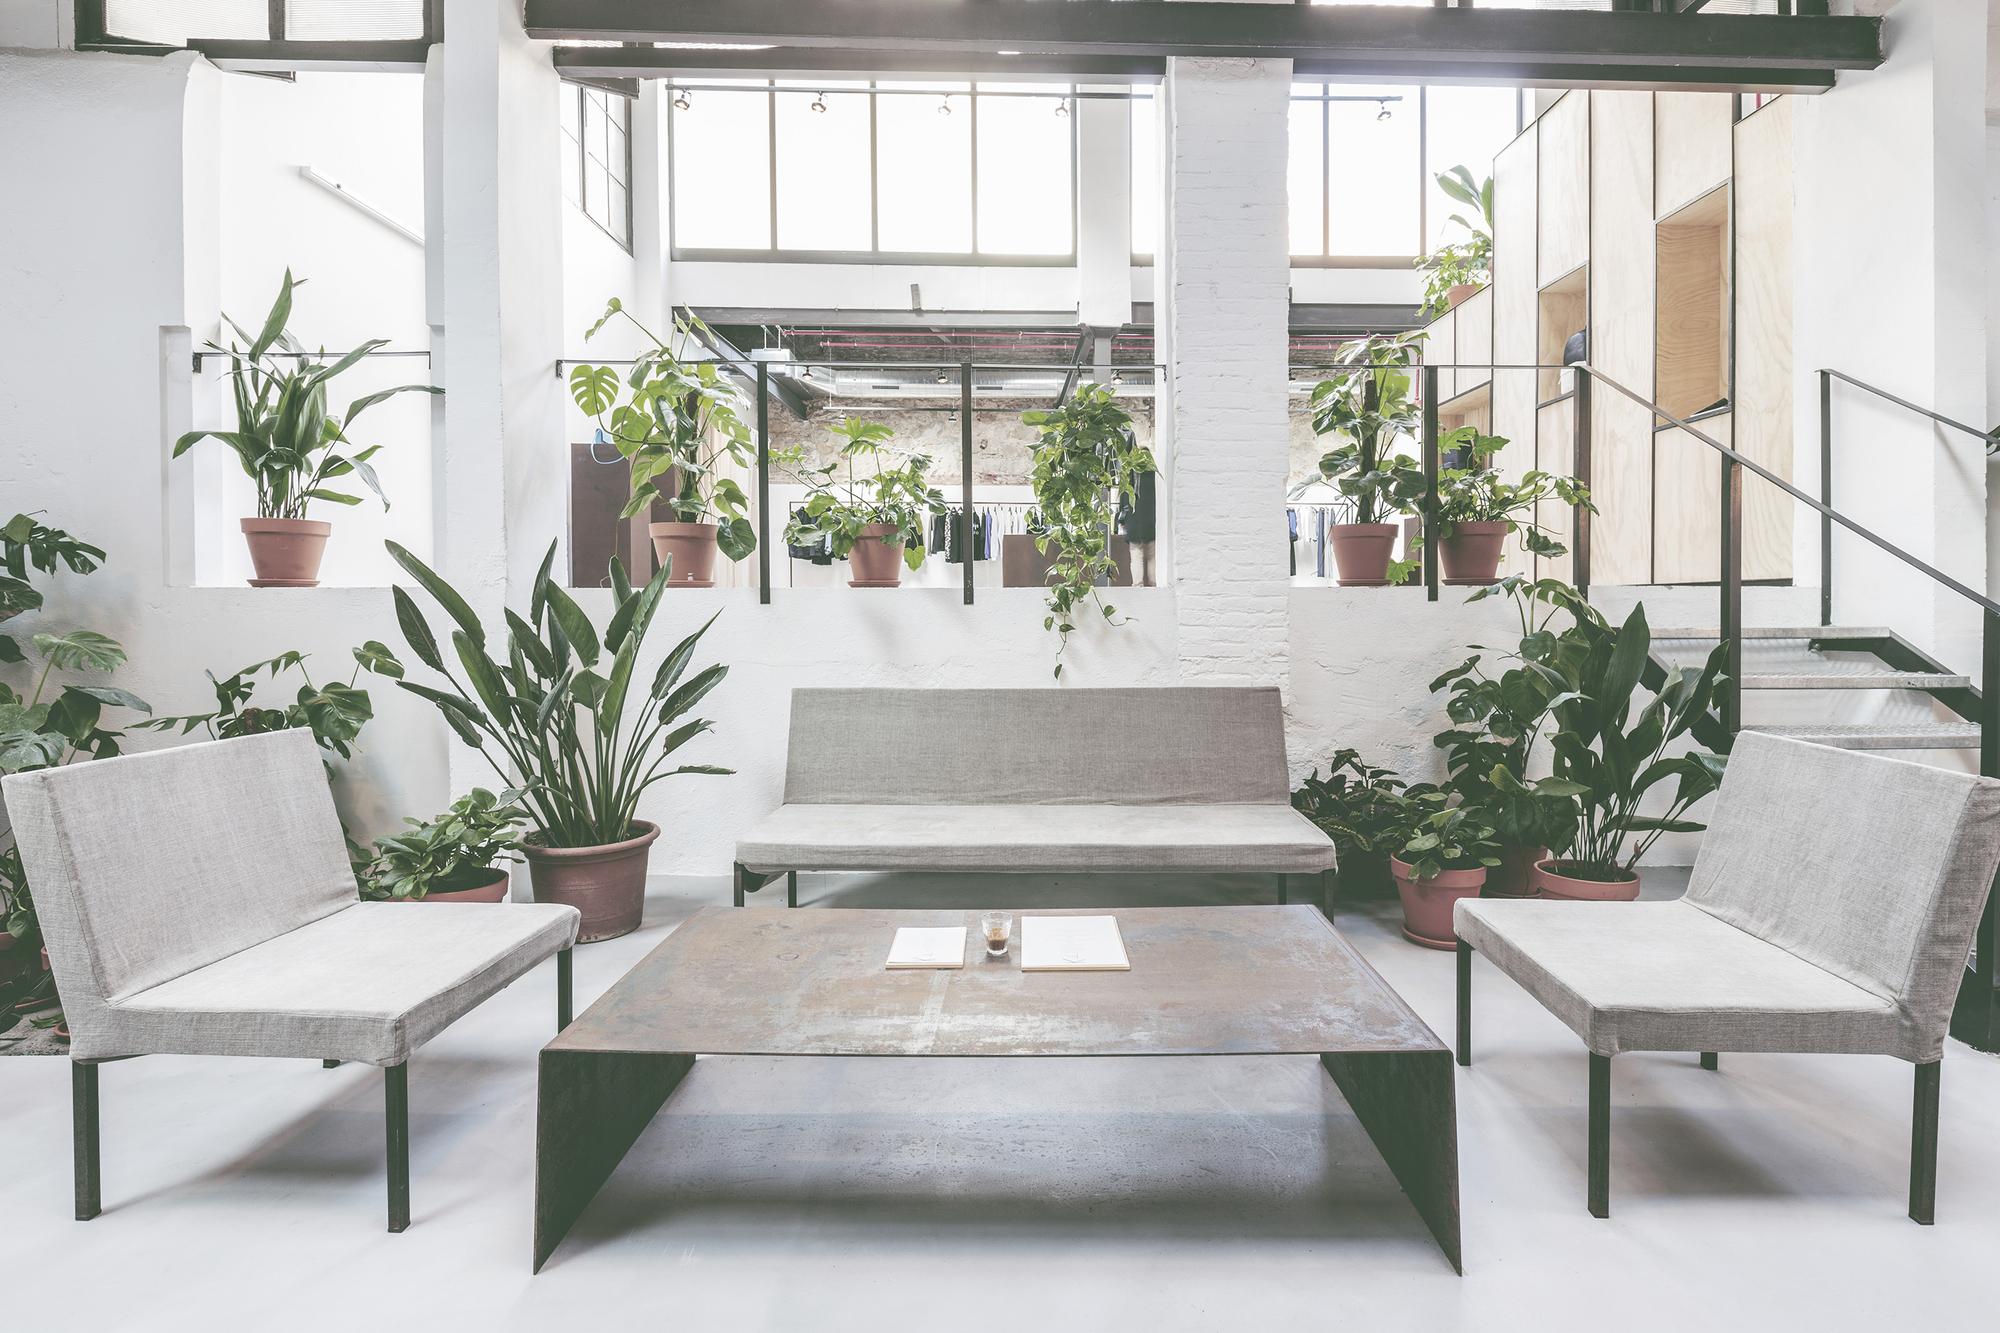 Gallery of Wer-haus / LaBoqueria + Marta Peinado Alós - 1